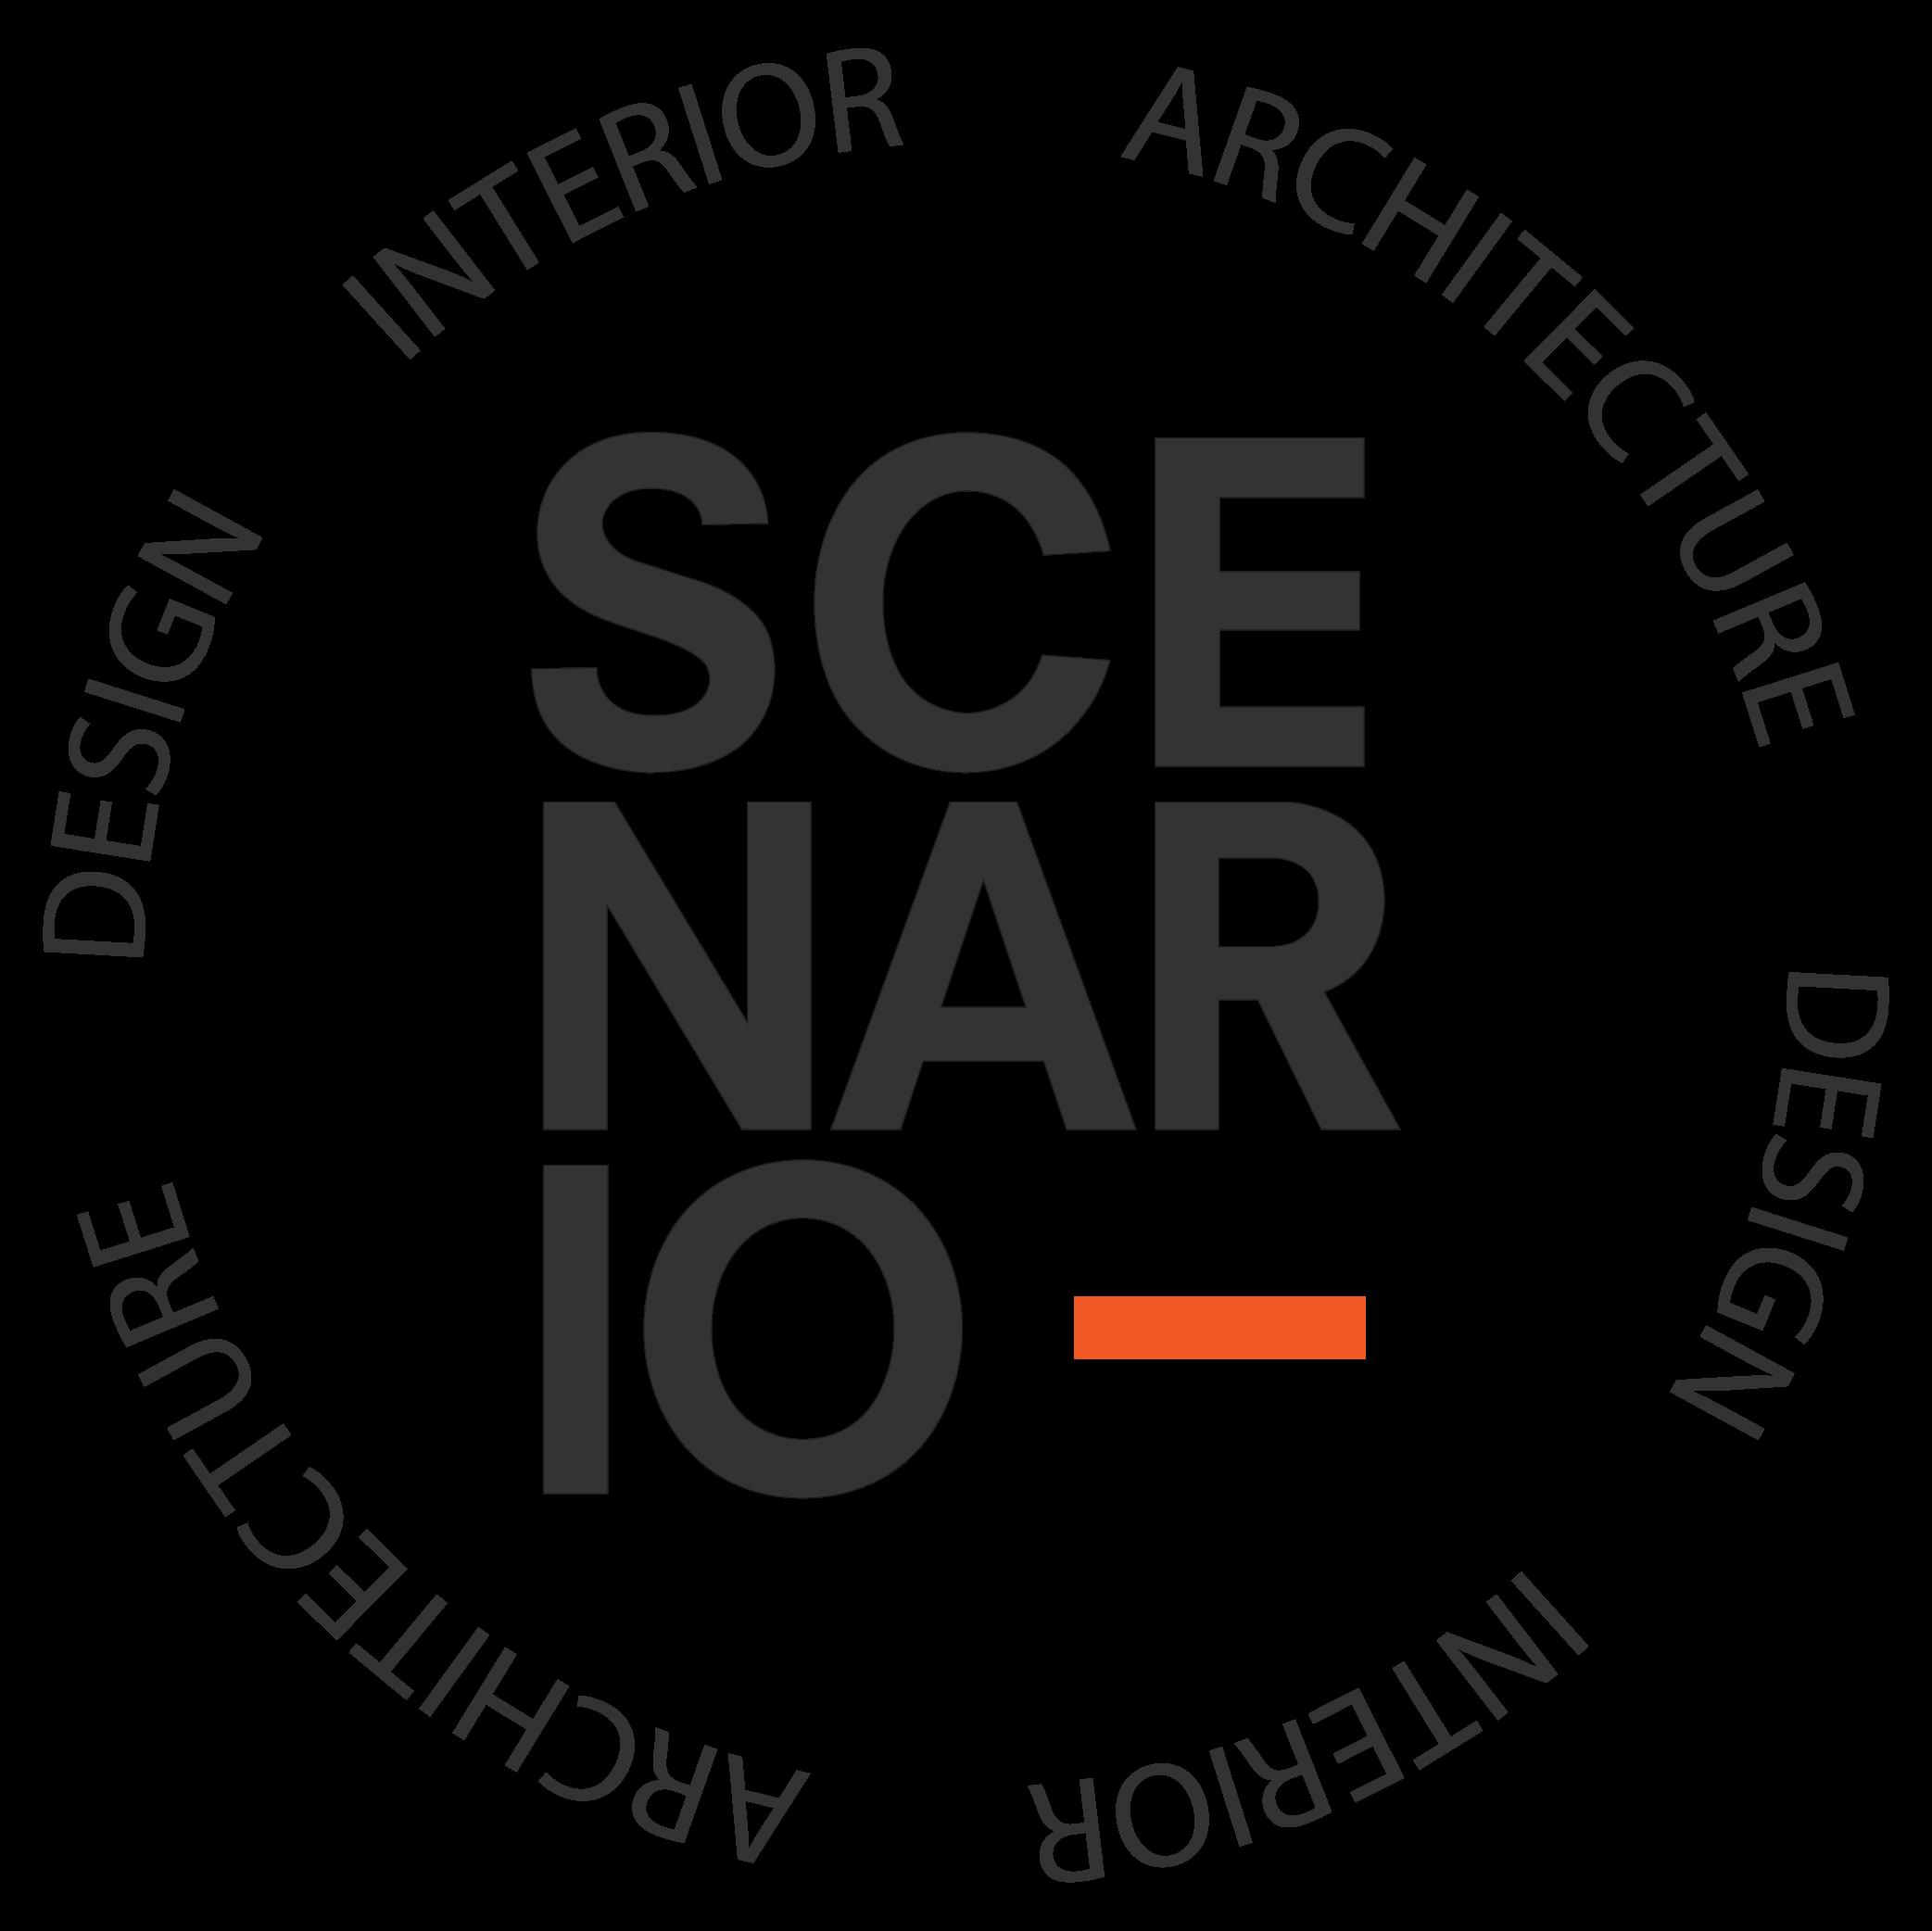 Scenario badge